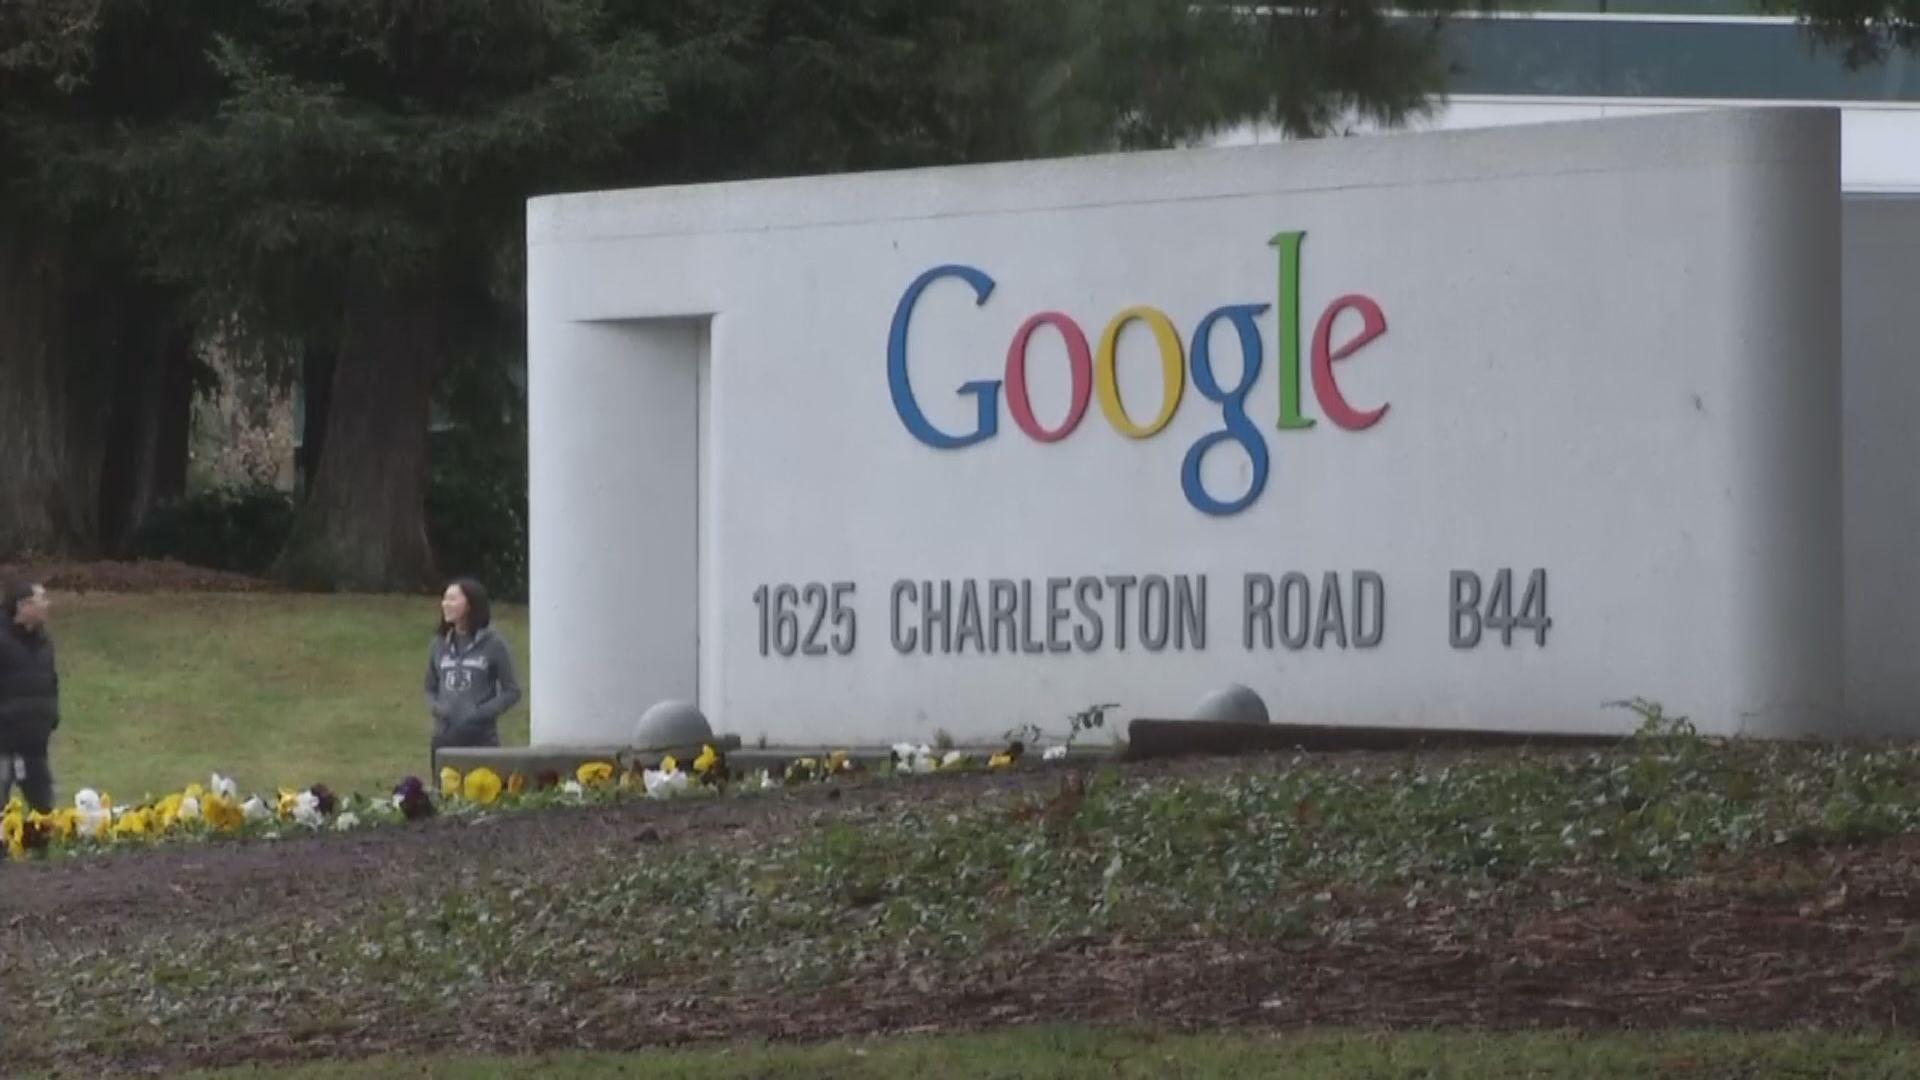 【環球薈報】法國法院裁定Google須跟新聞機構商討付費安排